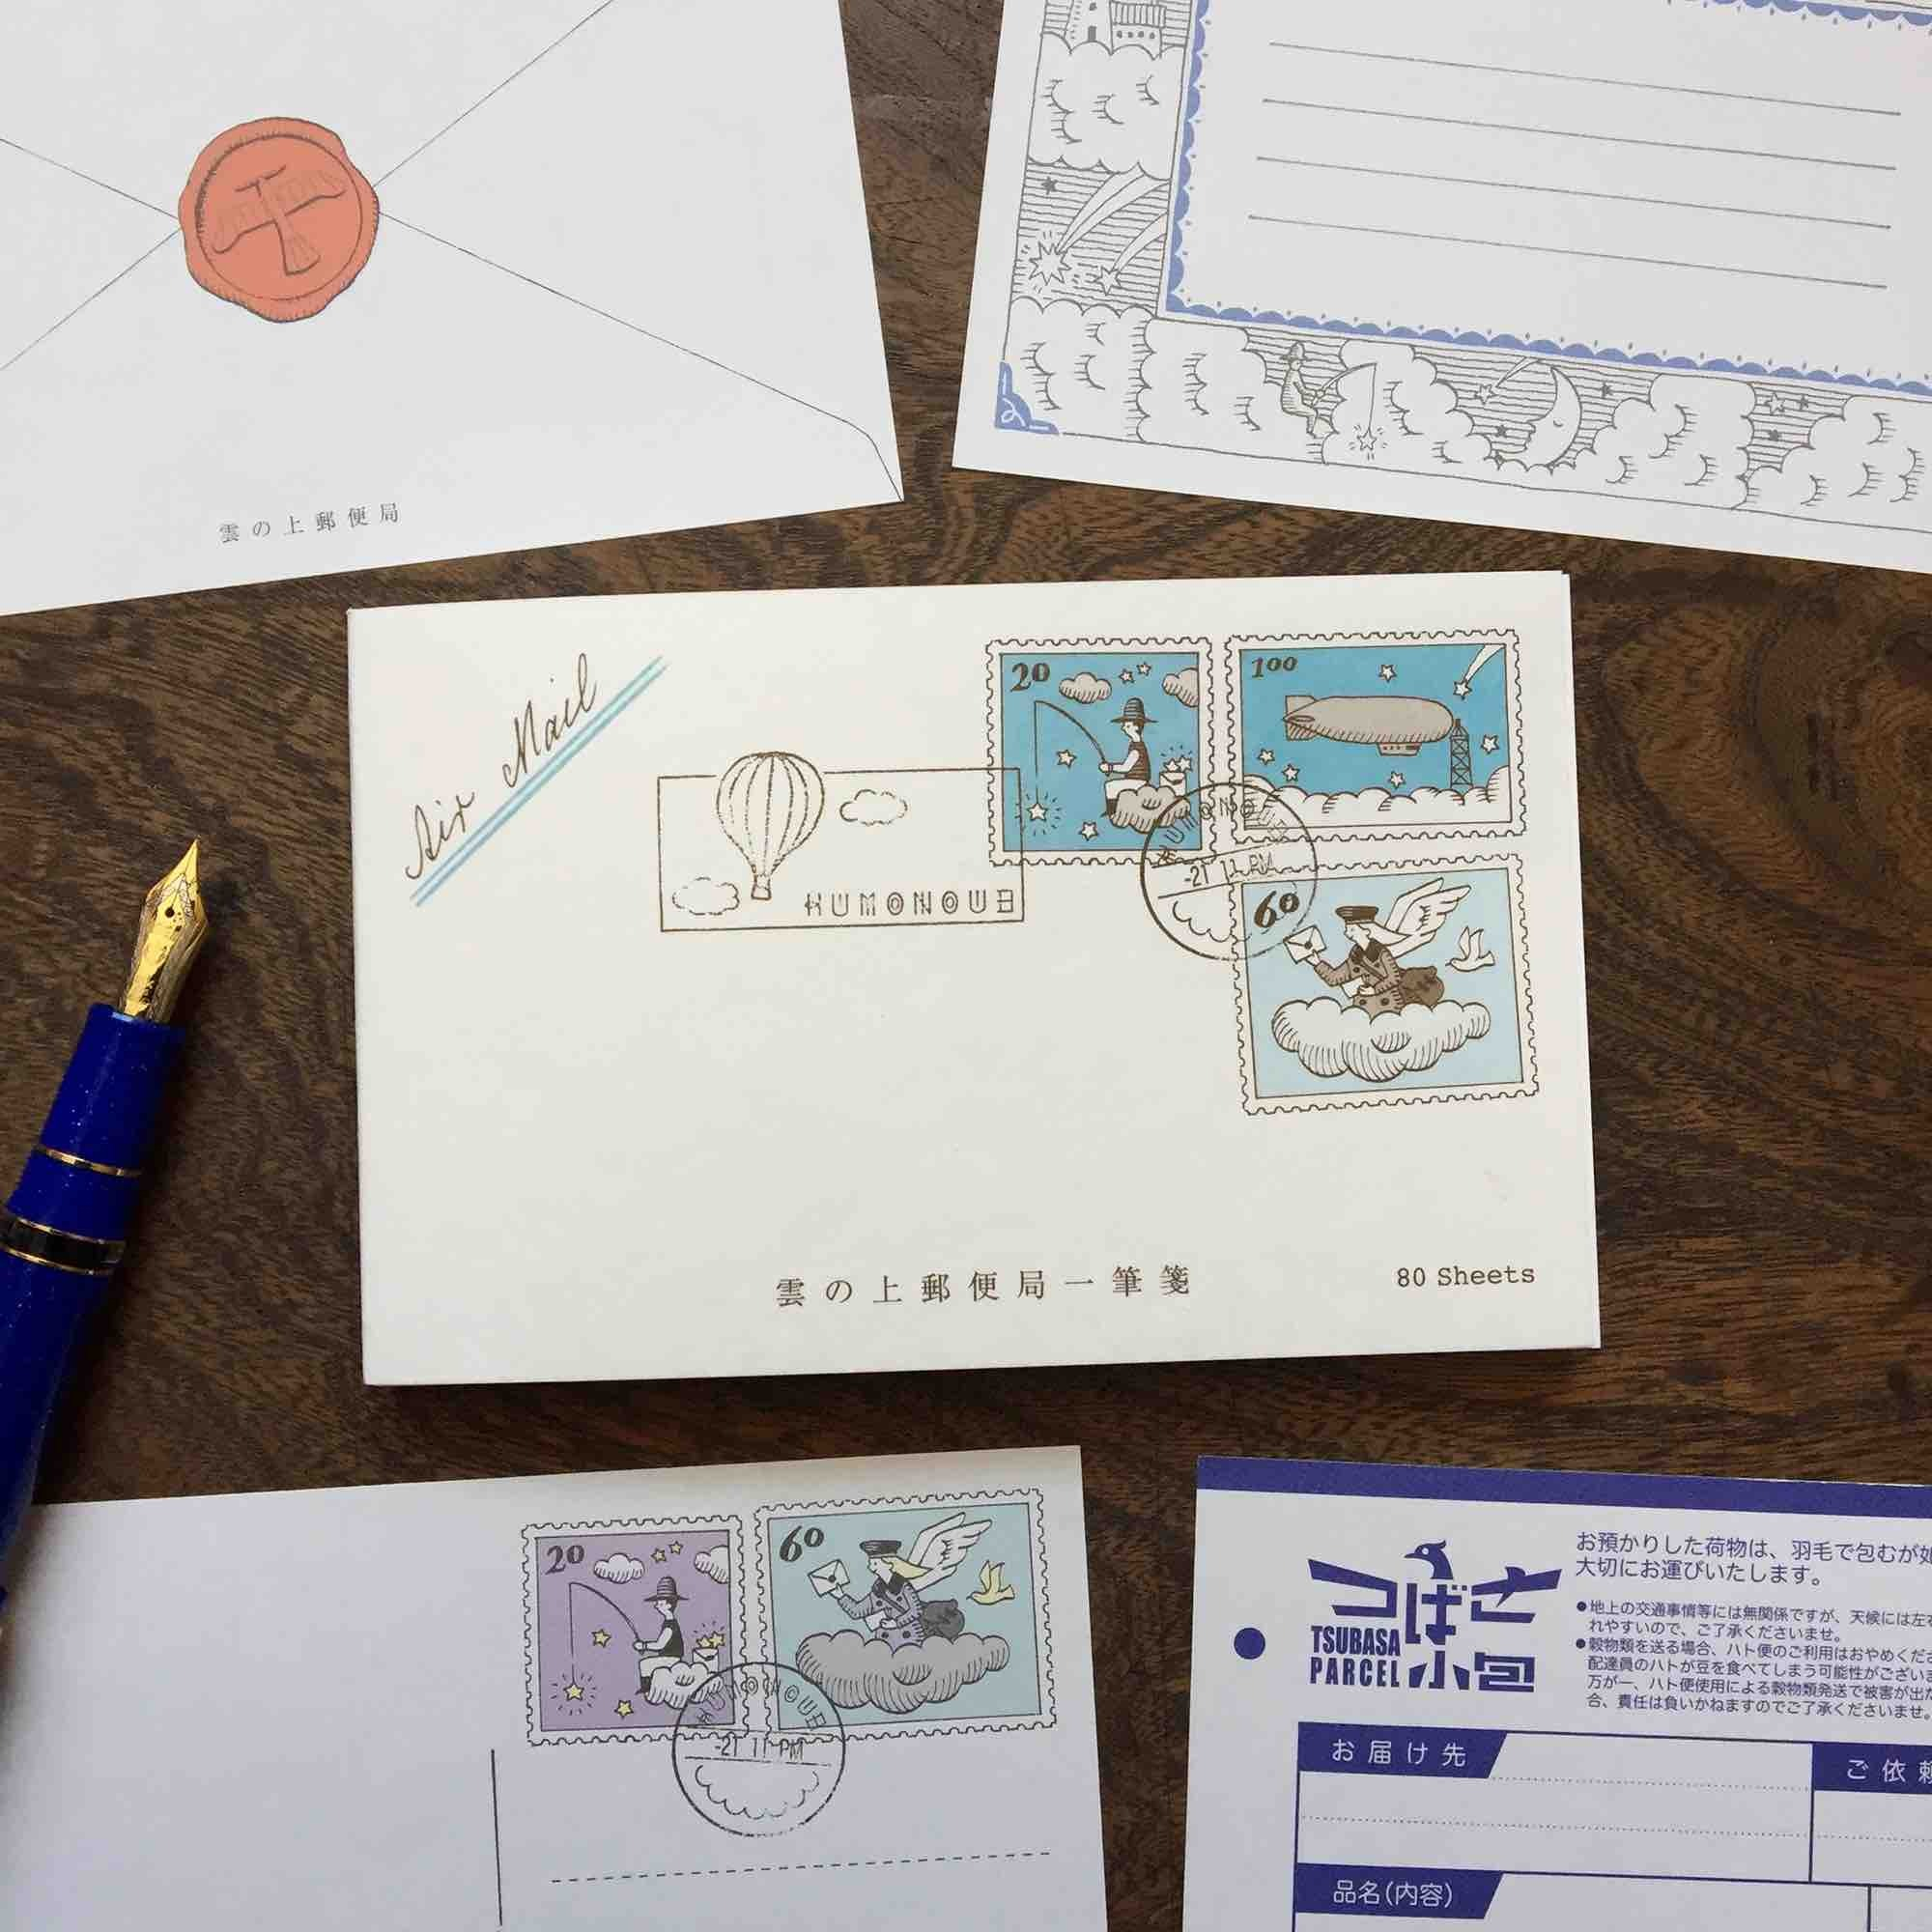 雲の上郵便局一筆箋『午後の手紙』